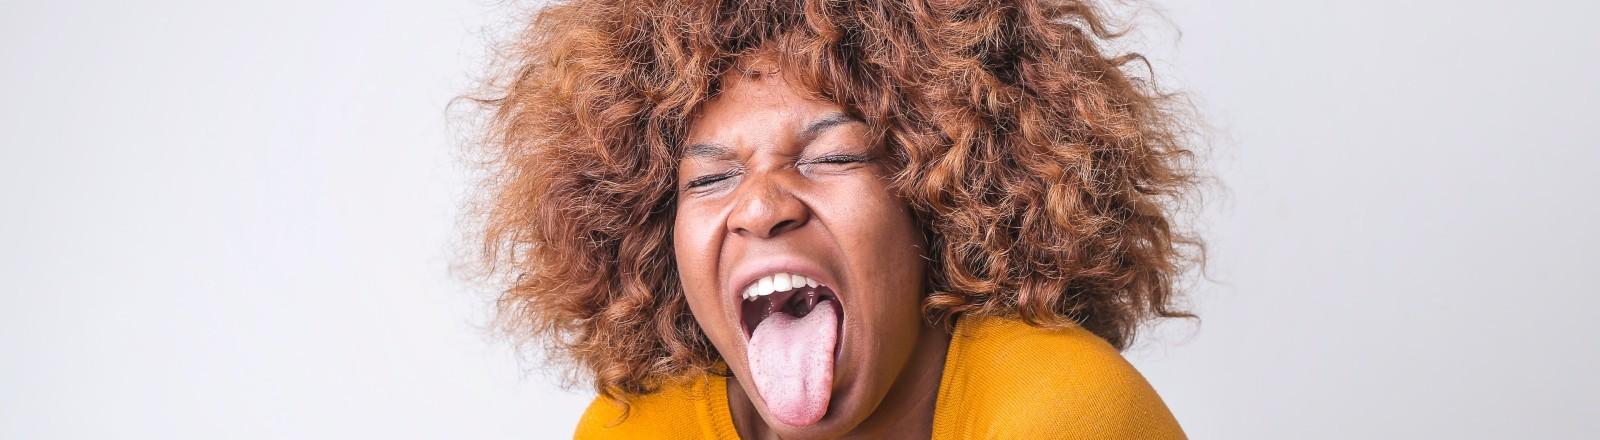 Eine Frau streckt angeekelt ihre Zunge raus